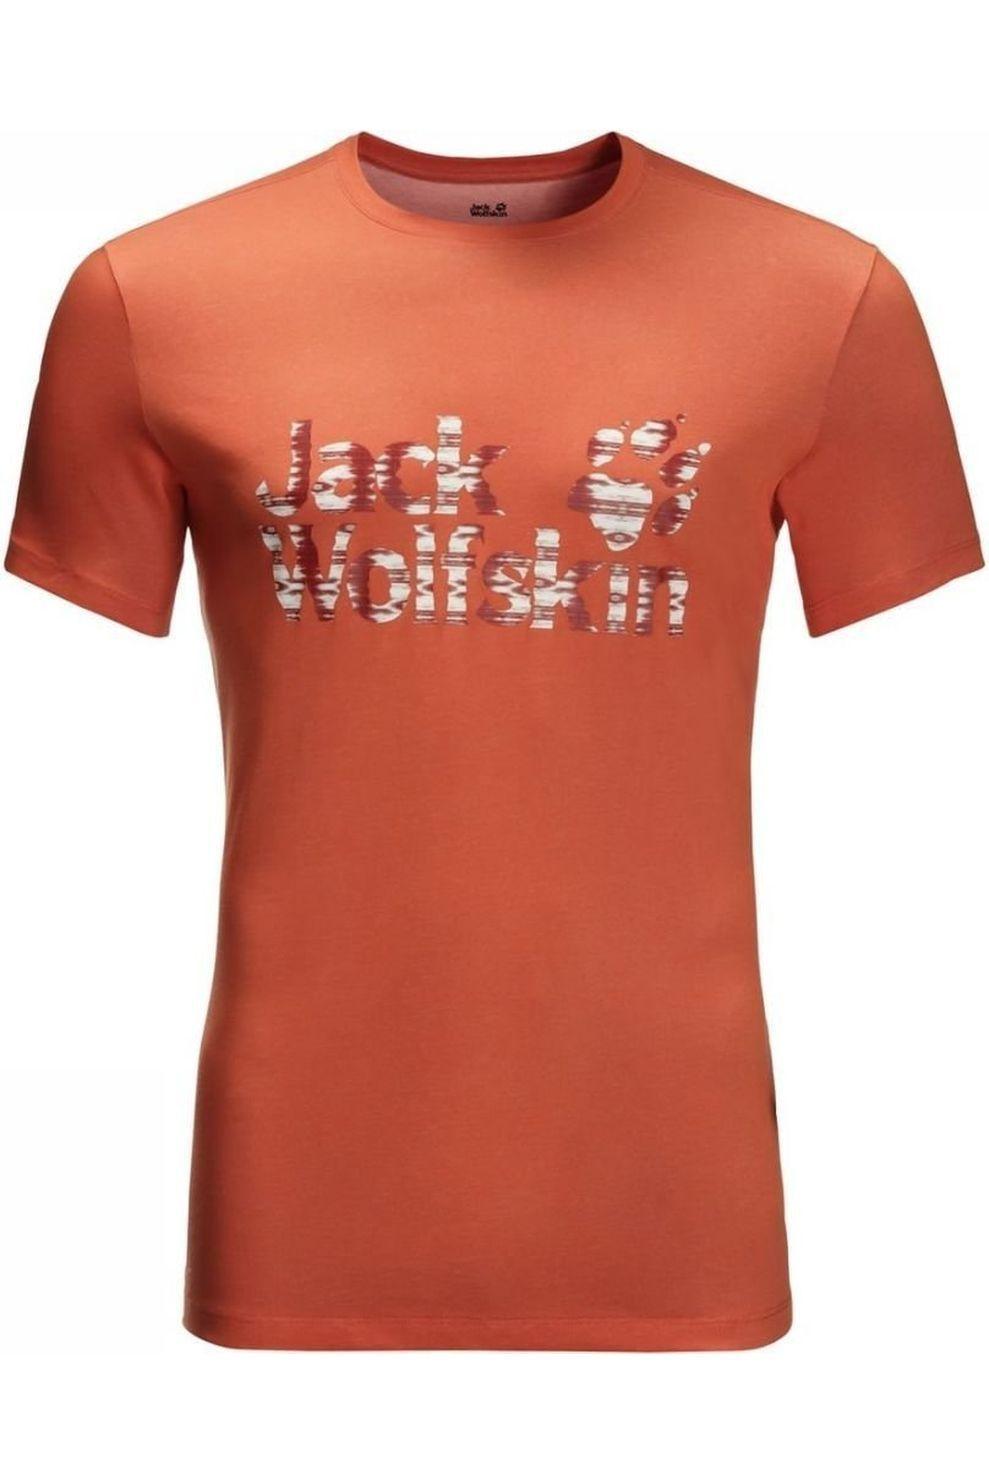 Jack Wolfskin T-shirt Logo Ocean T voor heren Bruin Maten: M, L, XL, XXL